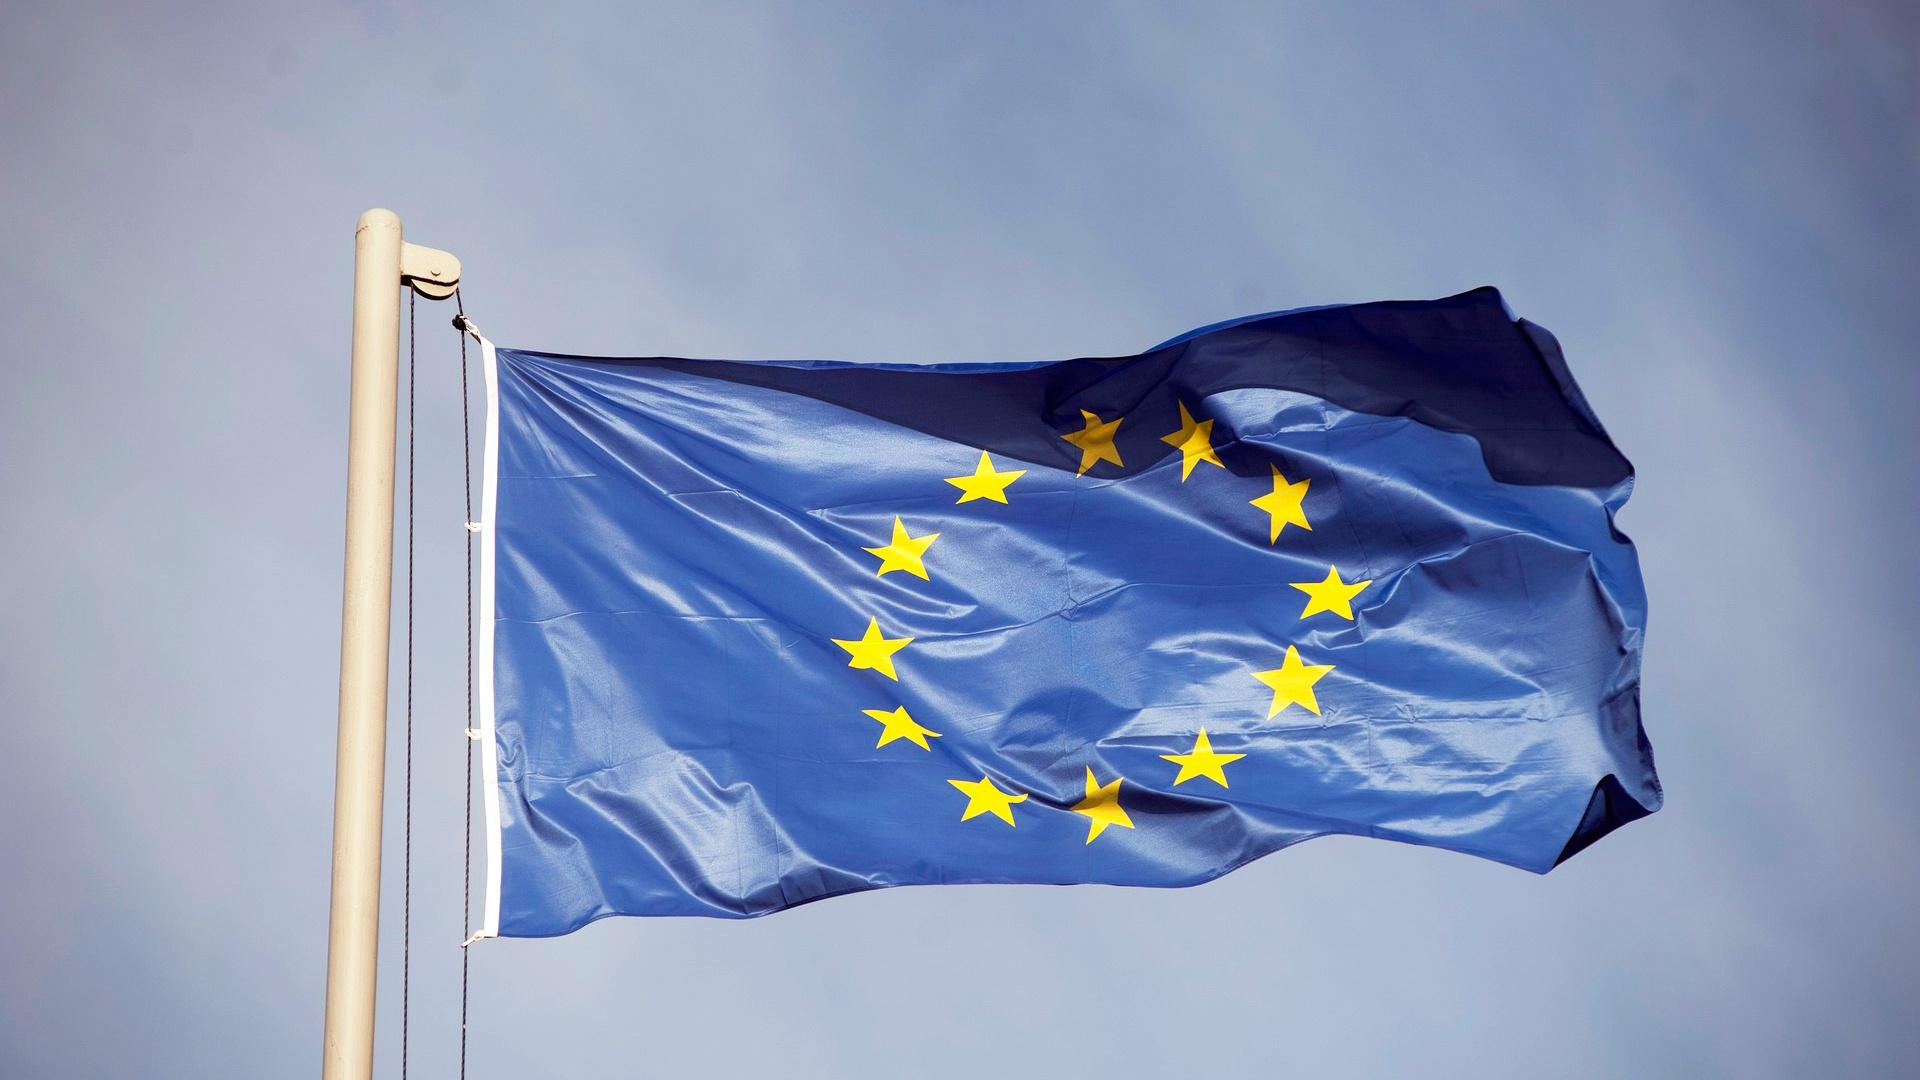 Евросоюз продлил санкции против России до 2021 года